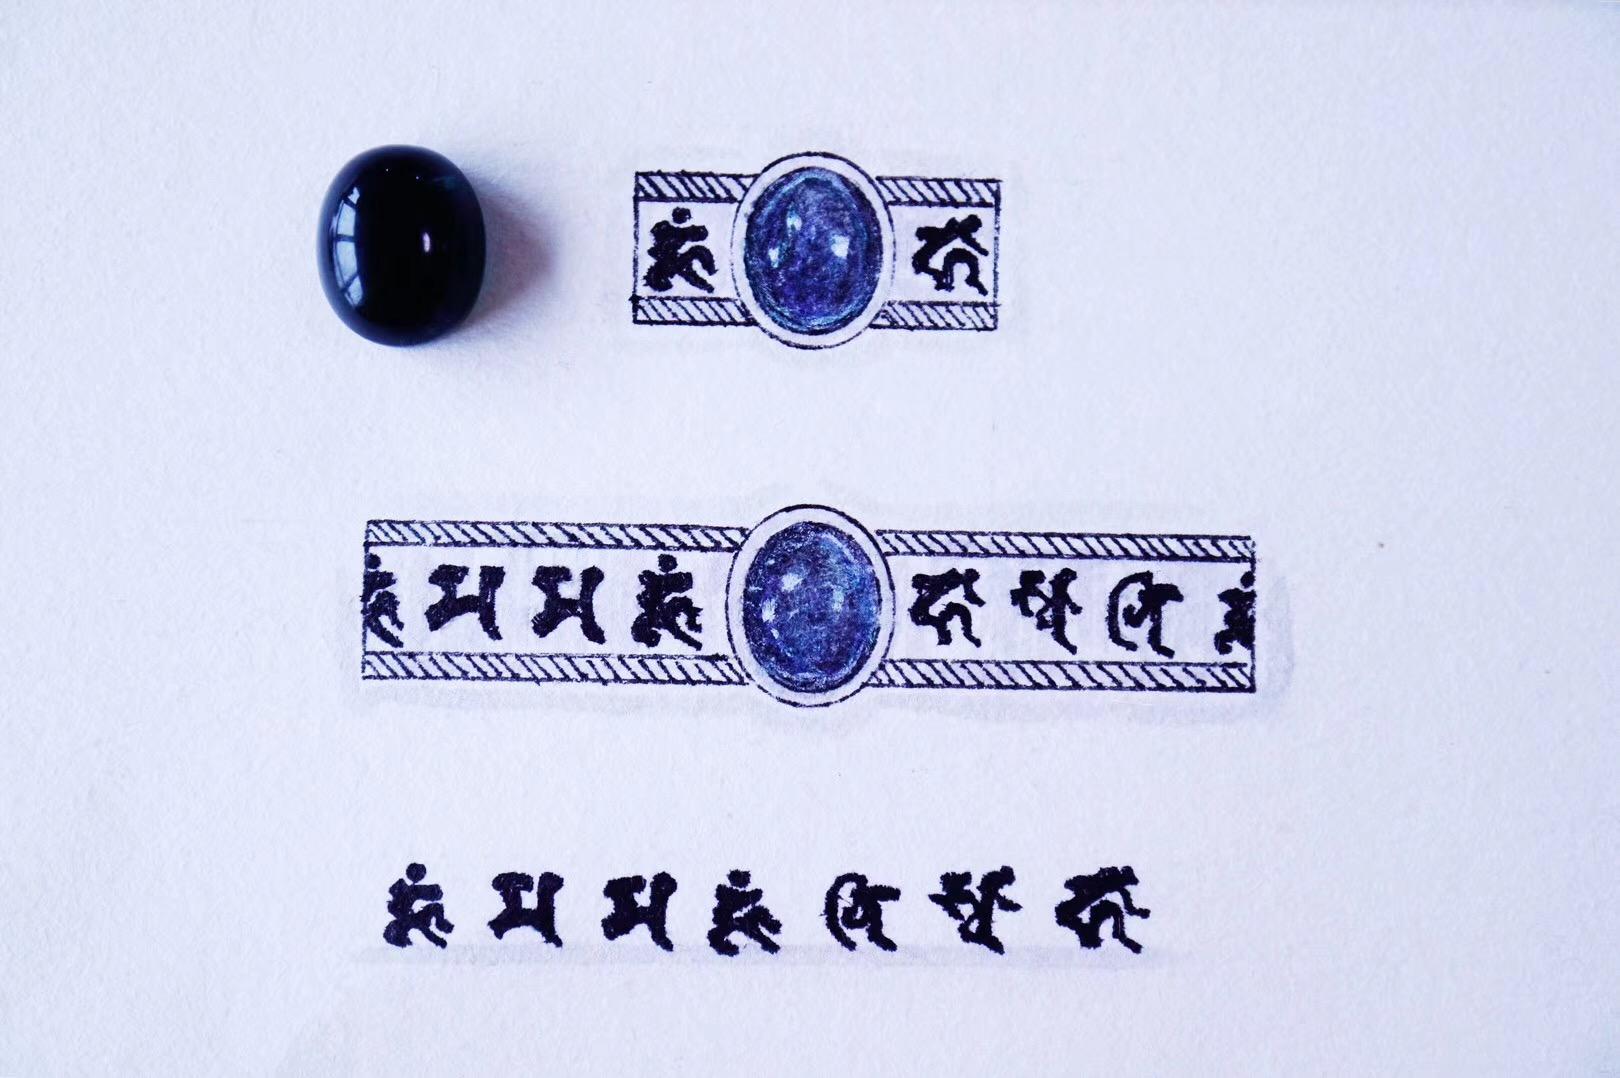 【菩心-蓝碧玺】观音菩萨和度母的加持最为灵验-菩心晶舍